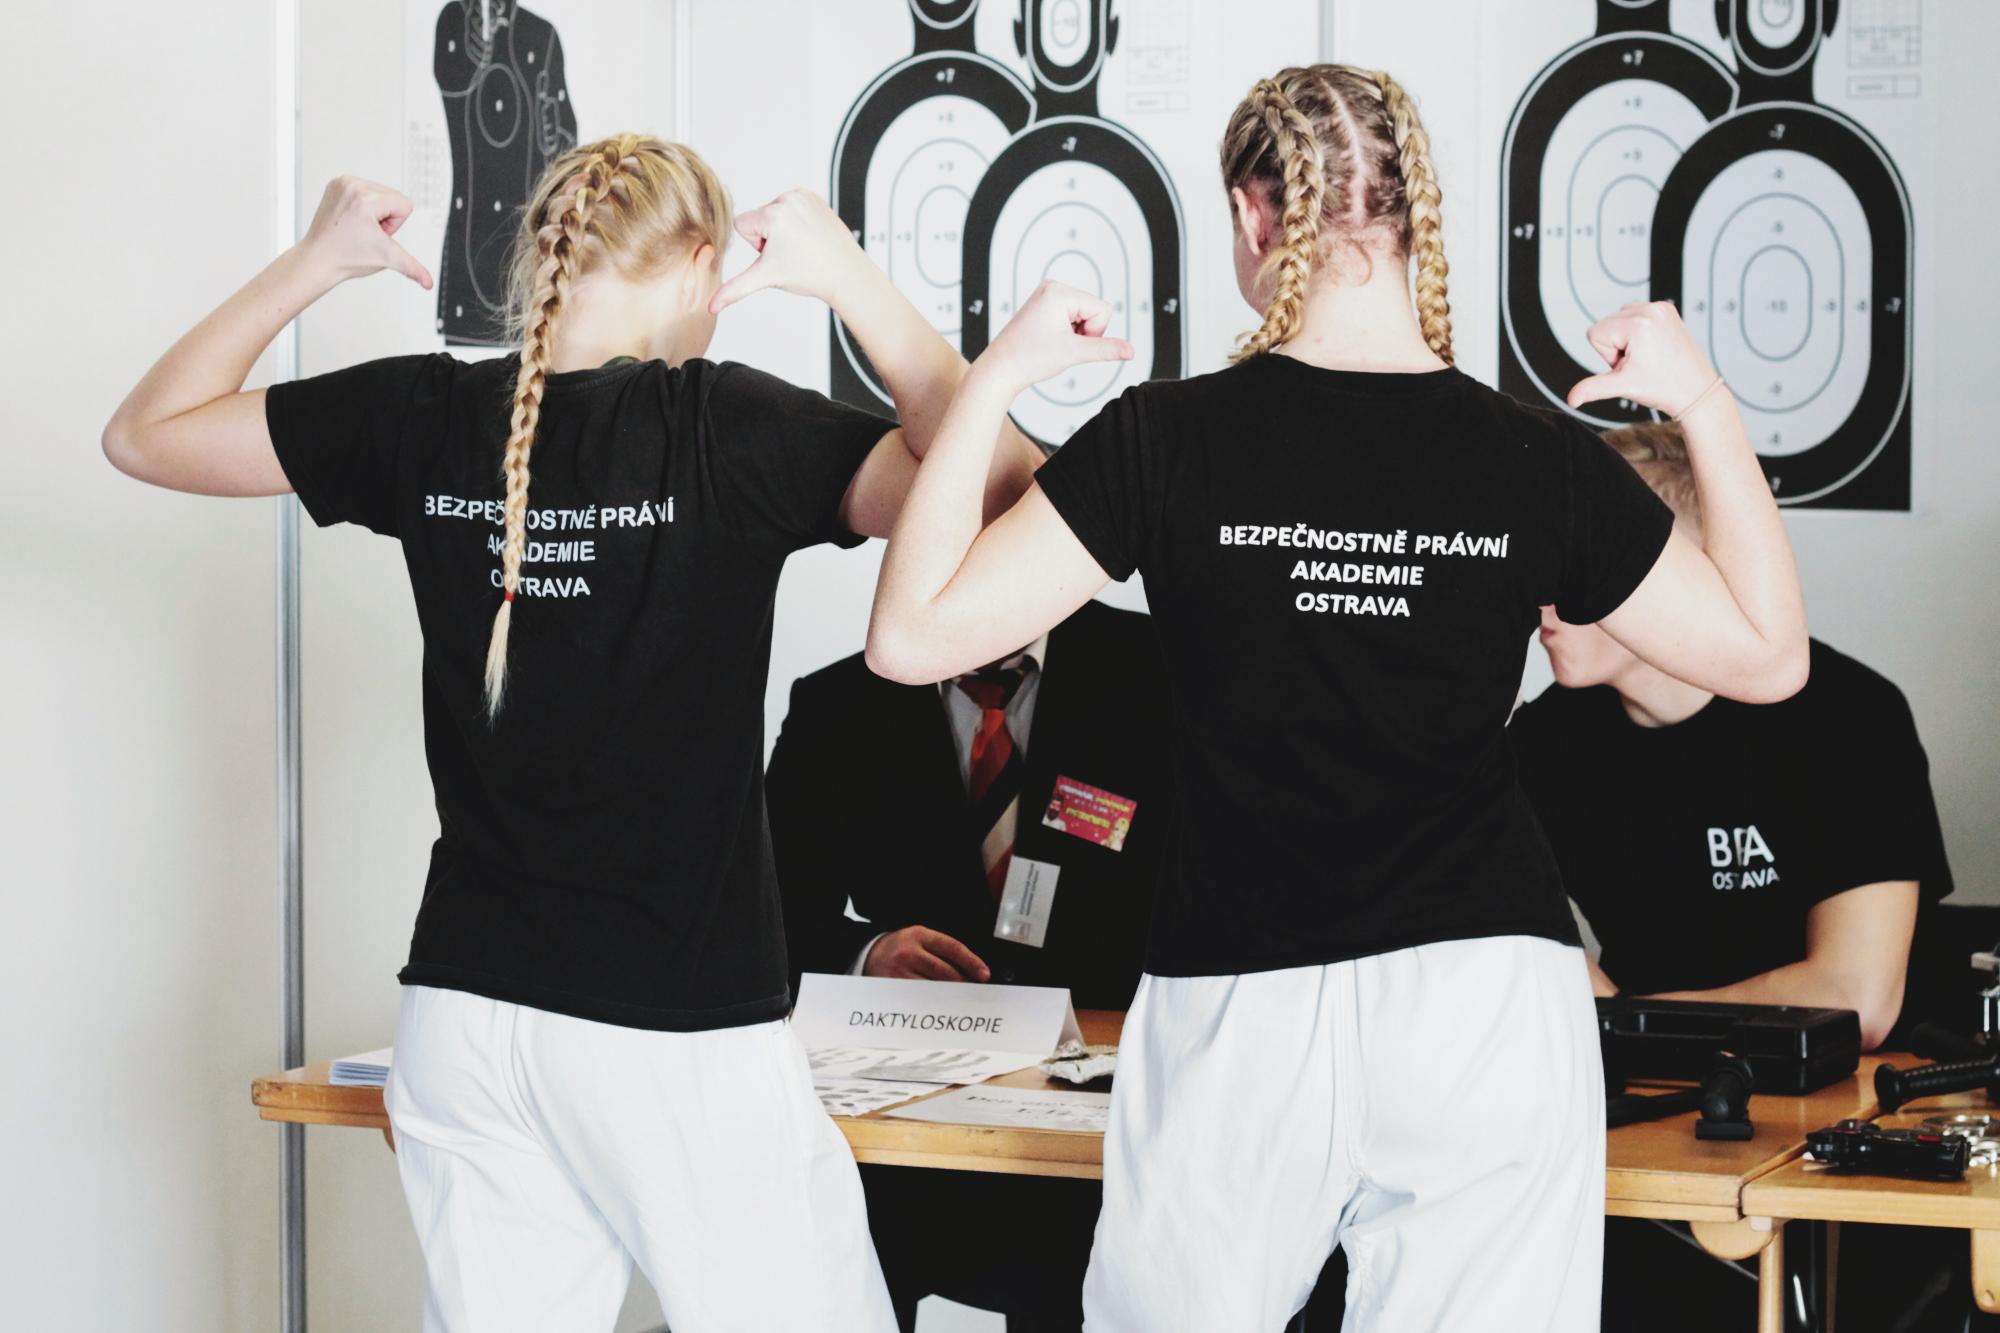 PR článek SŠ, VŠ, ProJob Černá louka 2019 trička